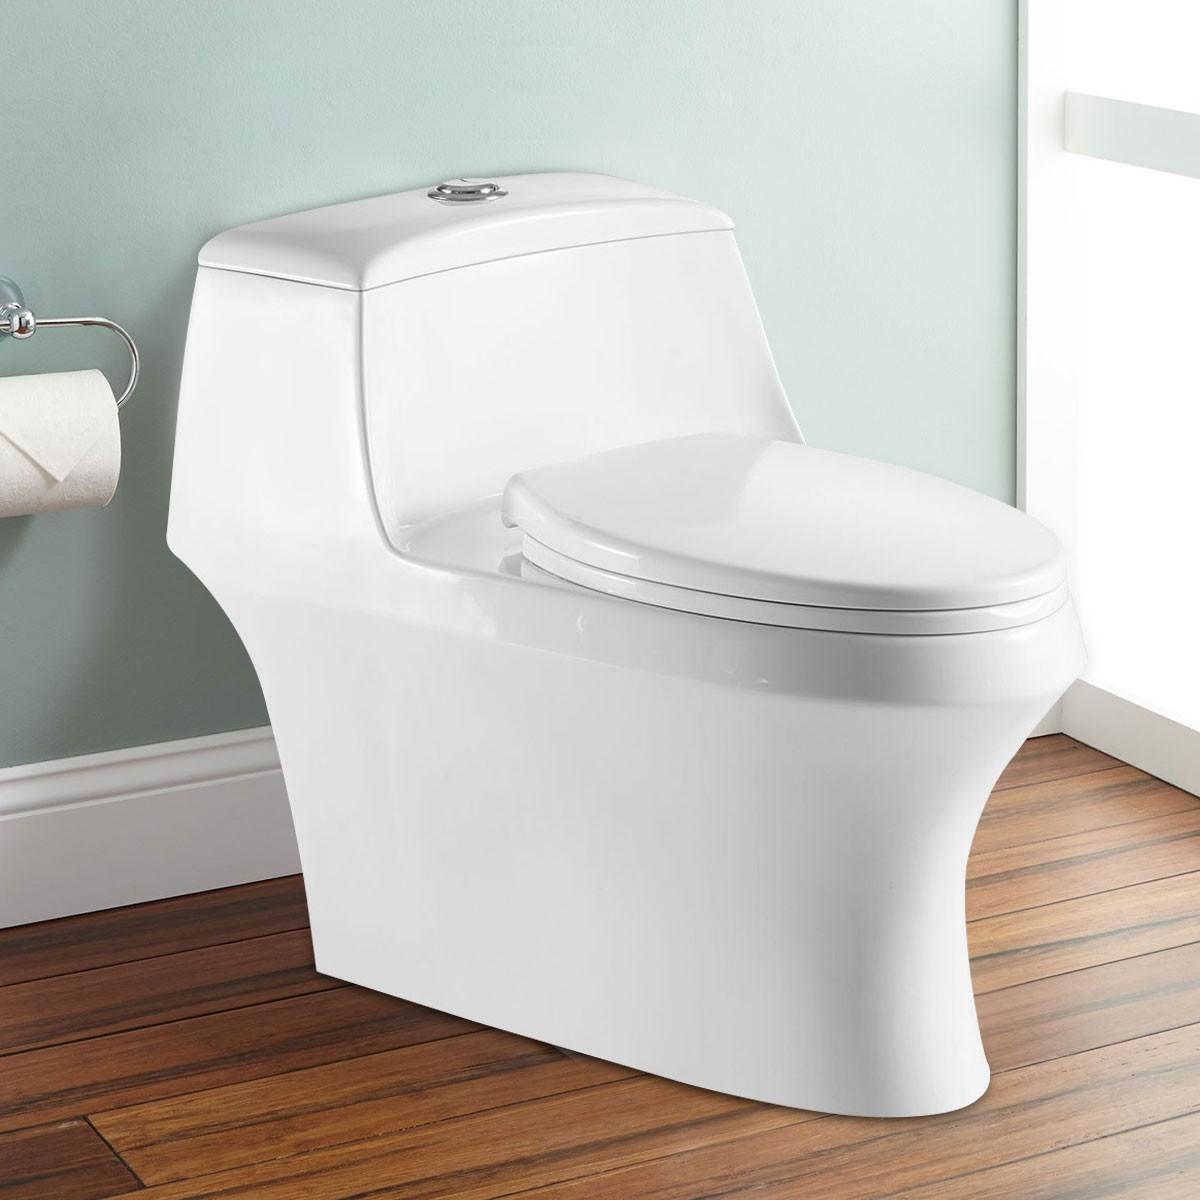 Dual Flush Siphonic One-piece Toilet (DK-ZBQ-12237)